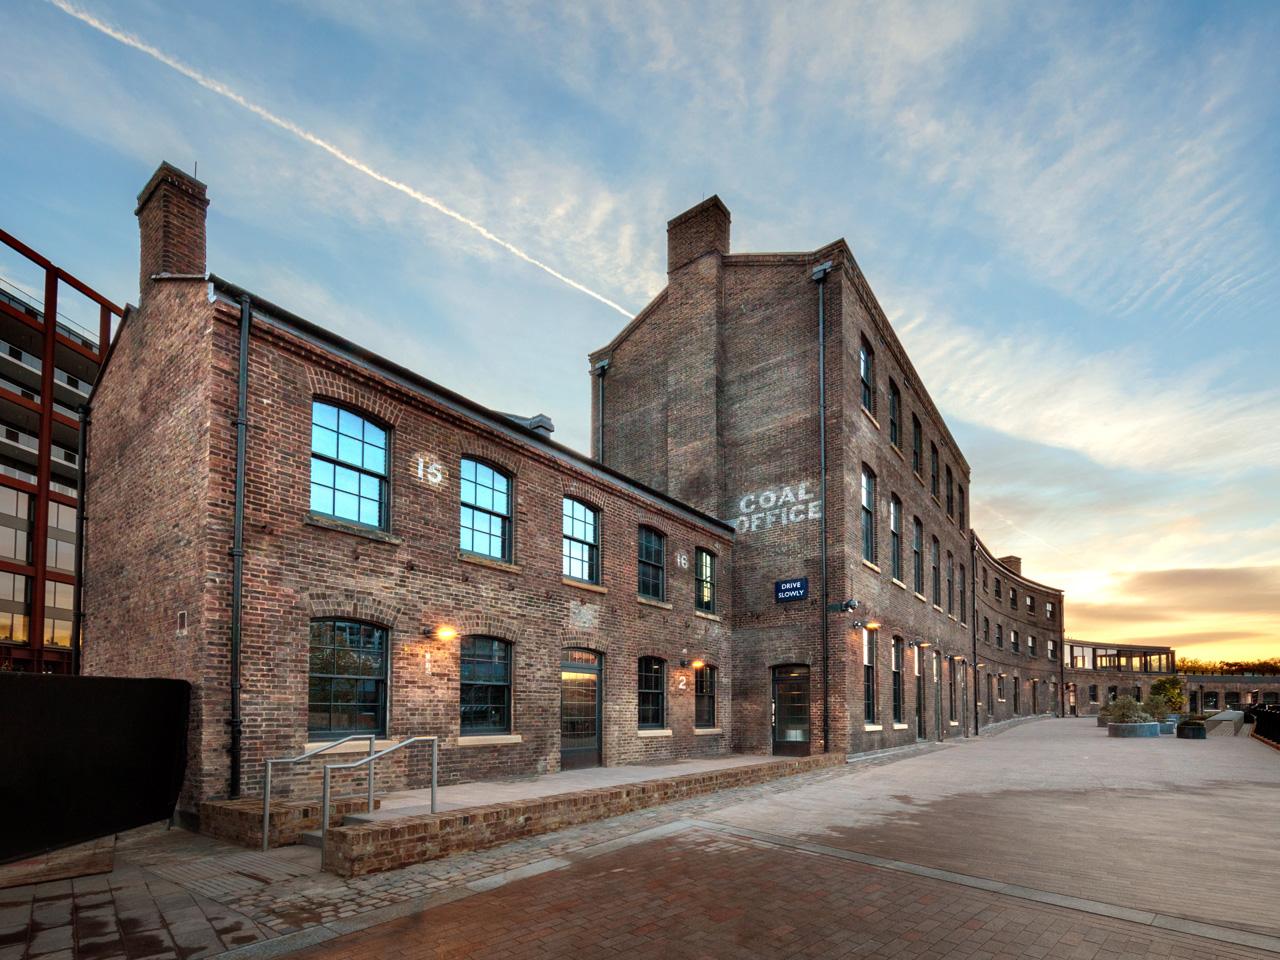 Tom-Dixon-Coal-Office